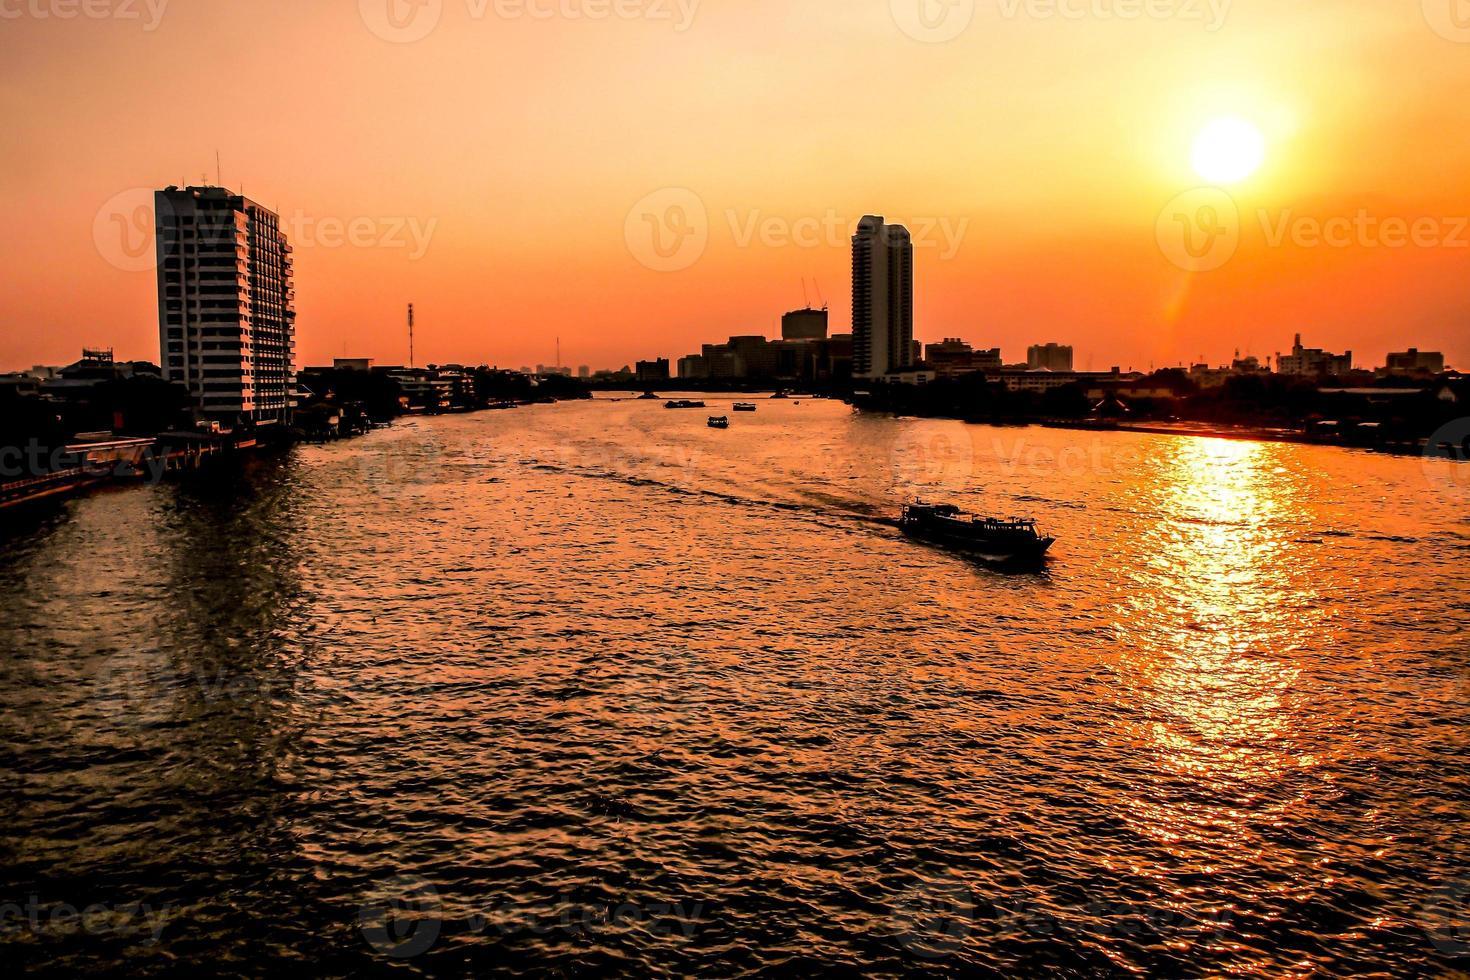 Vue aérienne de la ville de Bangkok, rivière Chao Phraya, ville de Bangkok, centre-ville urbain de la Thaïlande au coucher du soleil photo